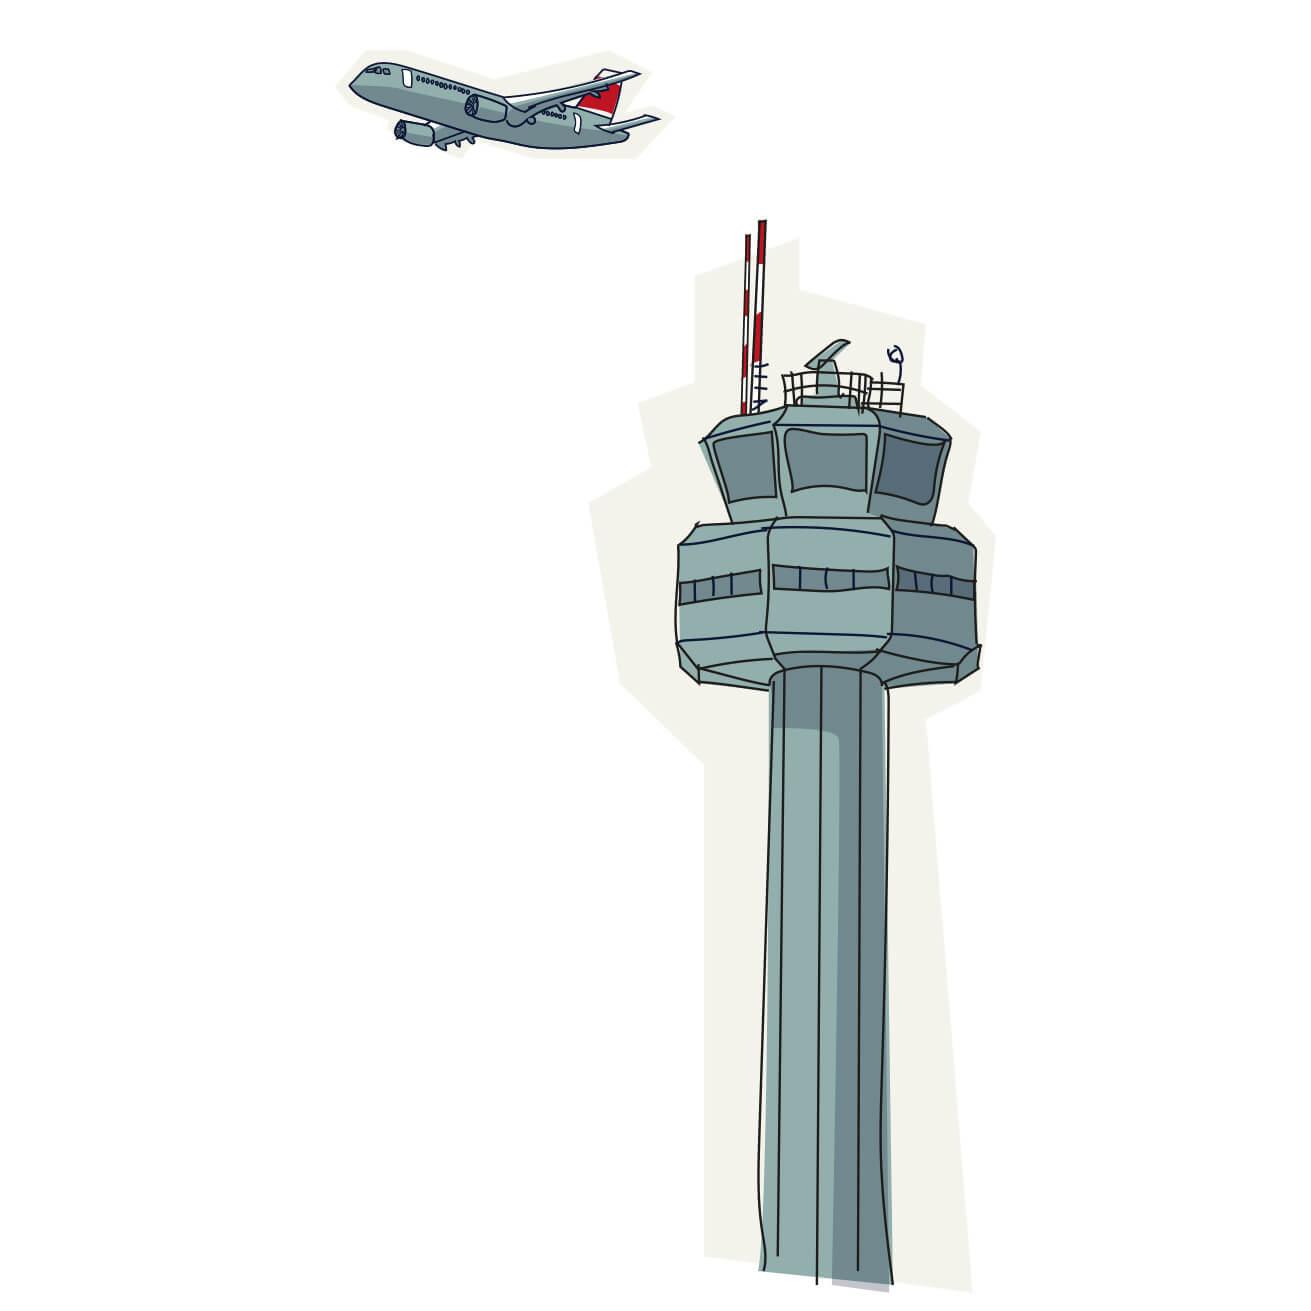 Illustration Flugzeugtower